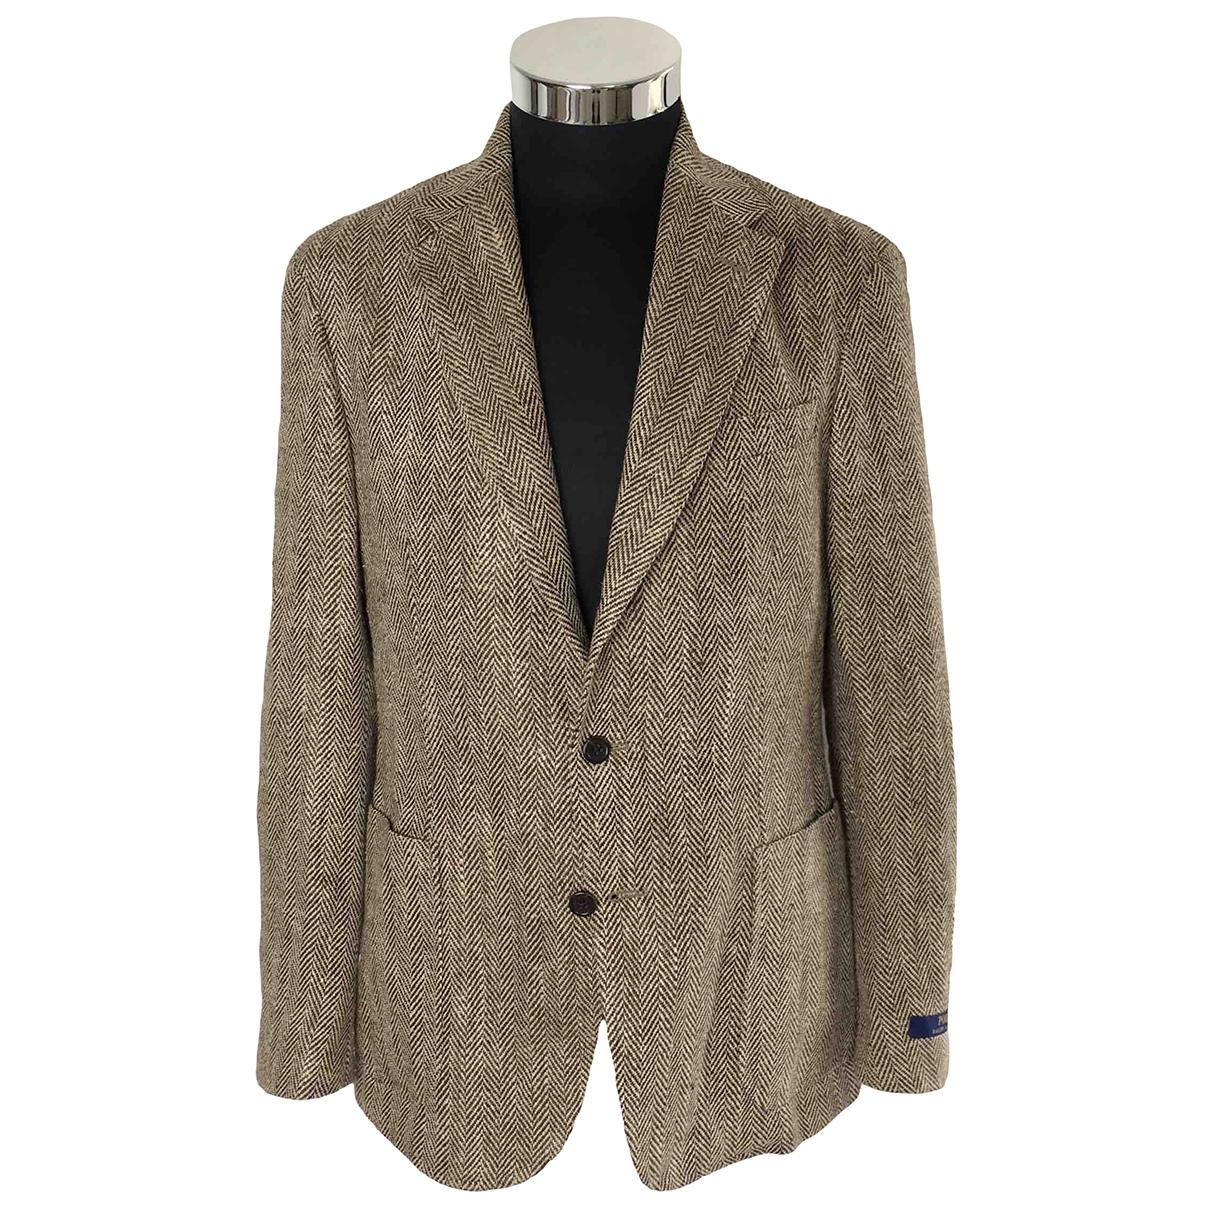 Polo Ralph Lauren - Vestes.Blousons   pour homme en lin - marron